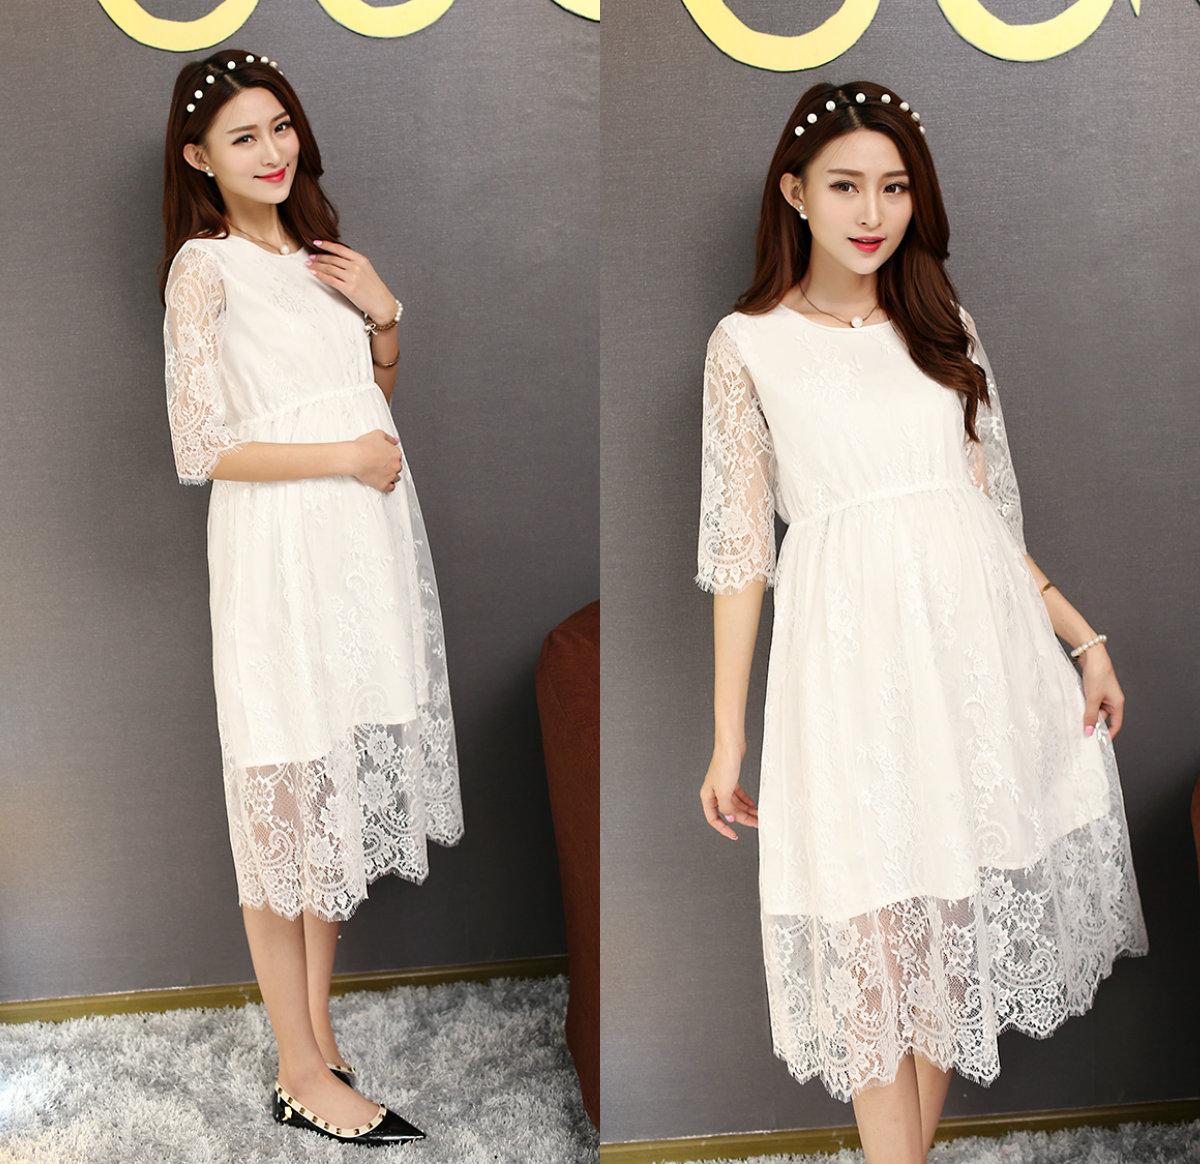 806 # Blanco de Verano de Encaje de Algodón Capa de Maternidad Vestido Largo de Moda de Corea Delgado Media Manga Vestido de Fiesta Ropa para Embarazadas mujeres(China (Mainland))